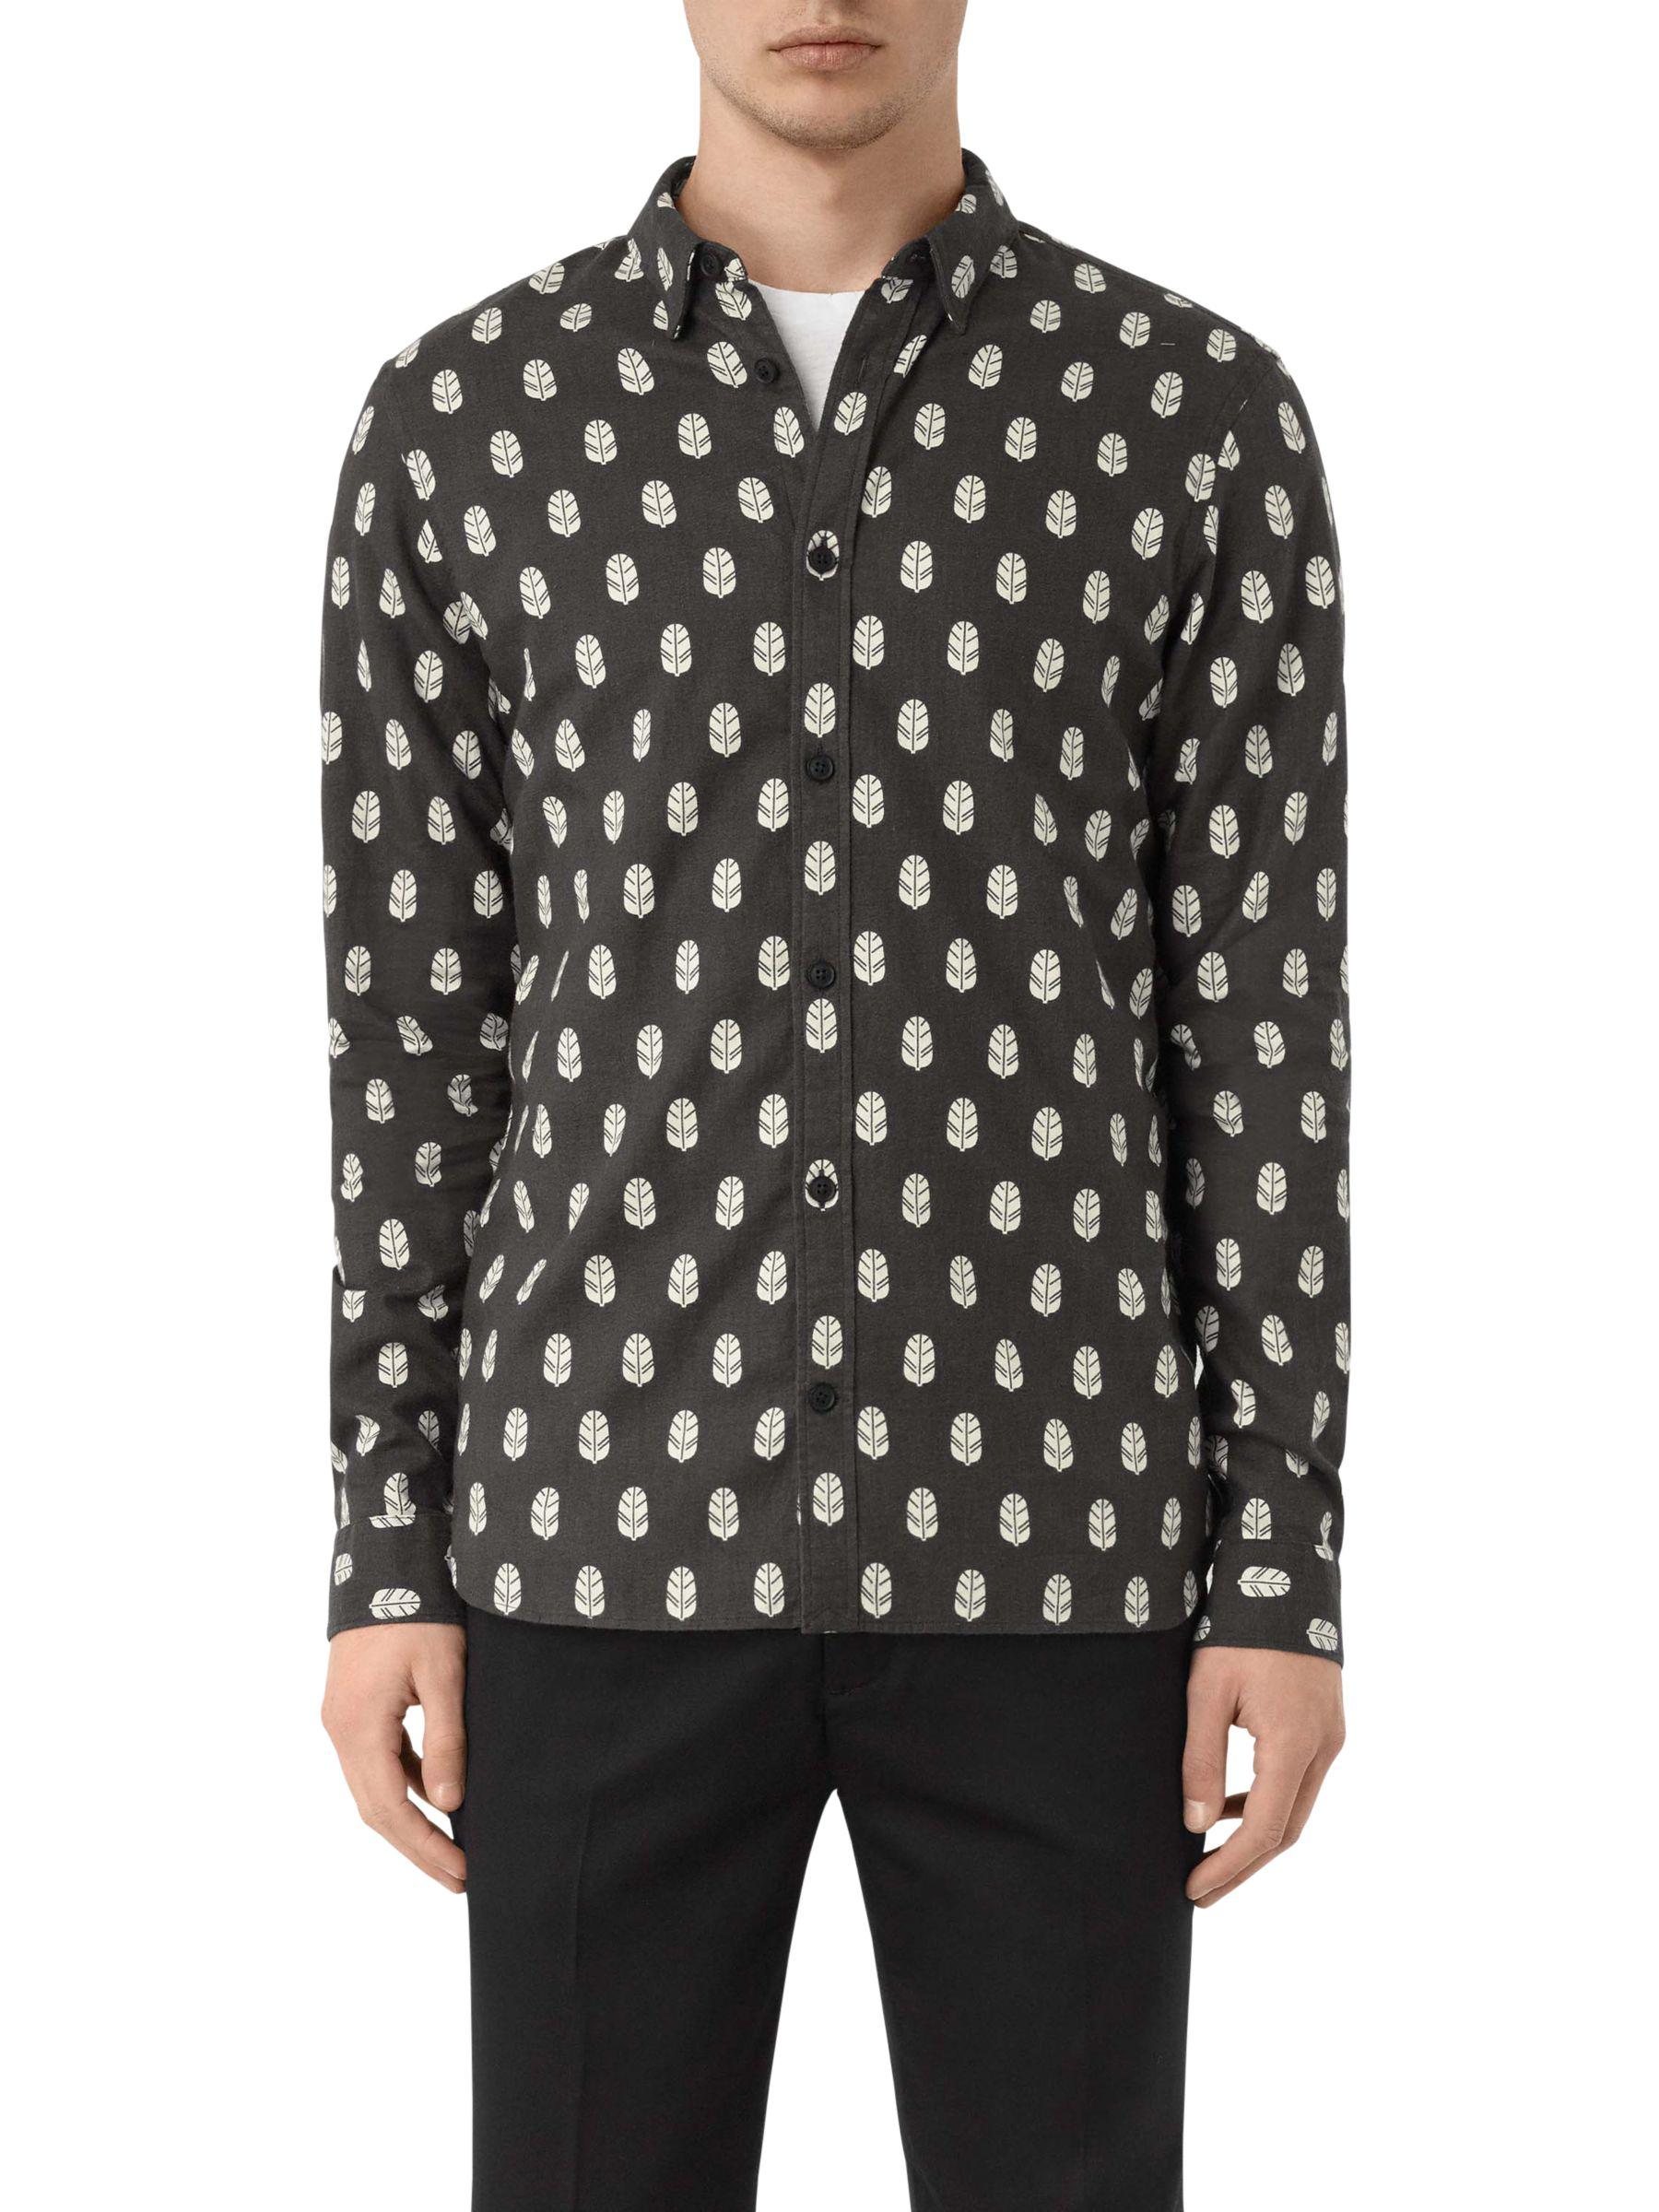 AllSaints AllSaints Atlus Feather Print Slim Fit Shirt